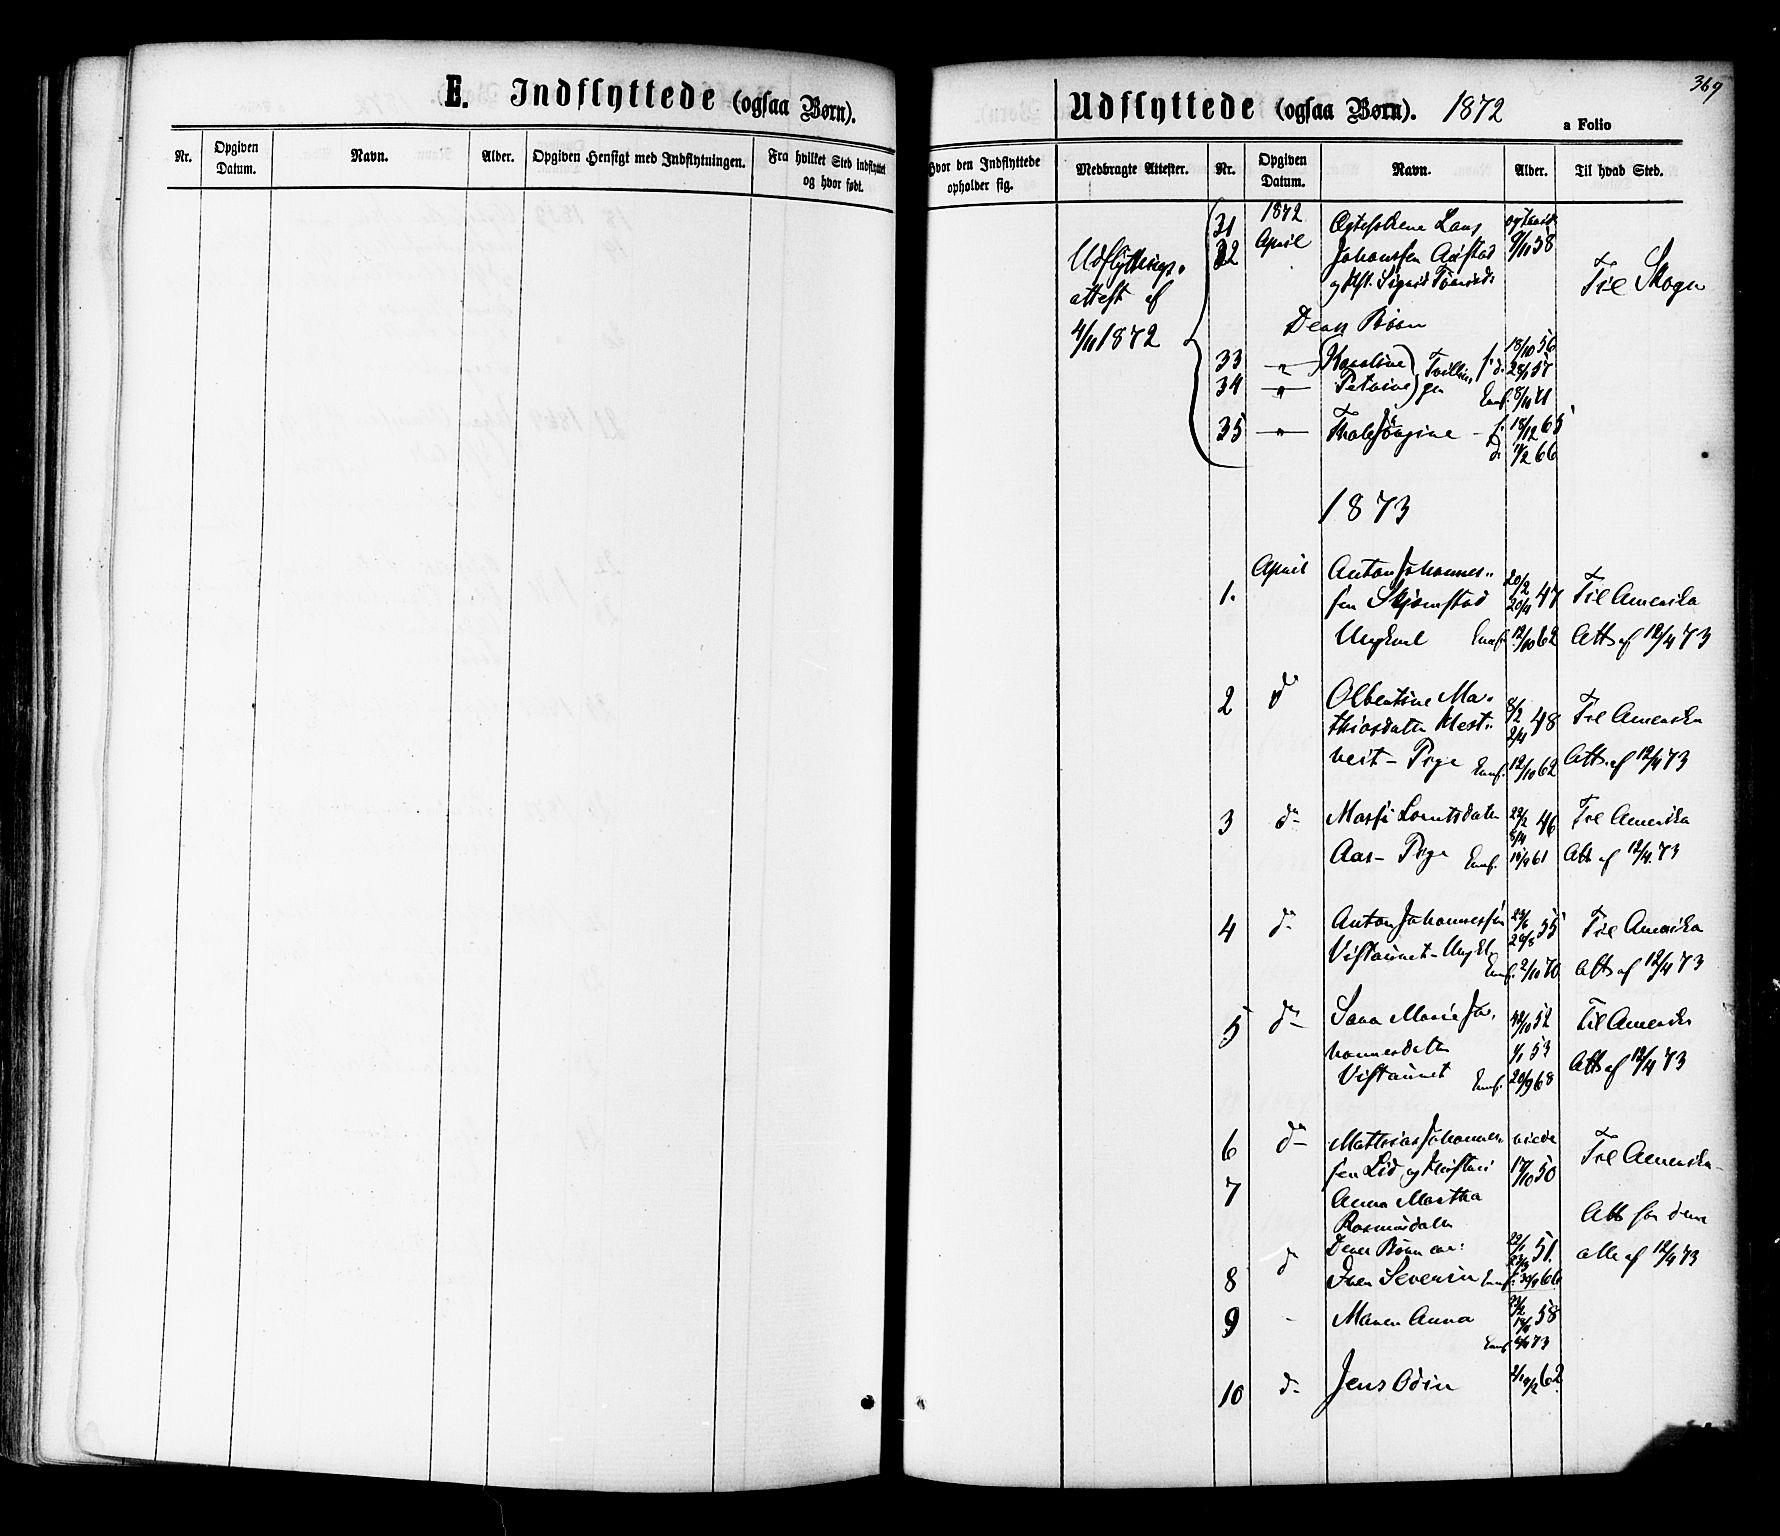 SAT, Ministerialprotokoller, klokkerbøker og fødselsregistre - Nord-Trøndelag, 730/L0284: Ministerialbok nr. 730A09, 1866-1878, s. 369